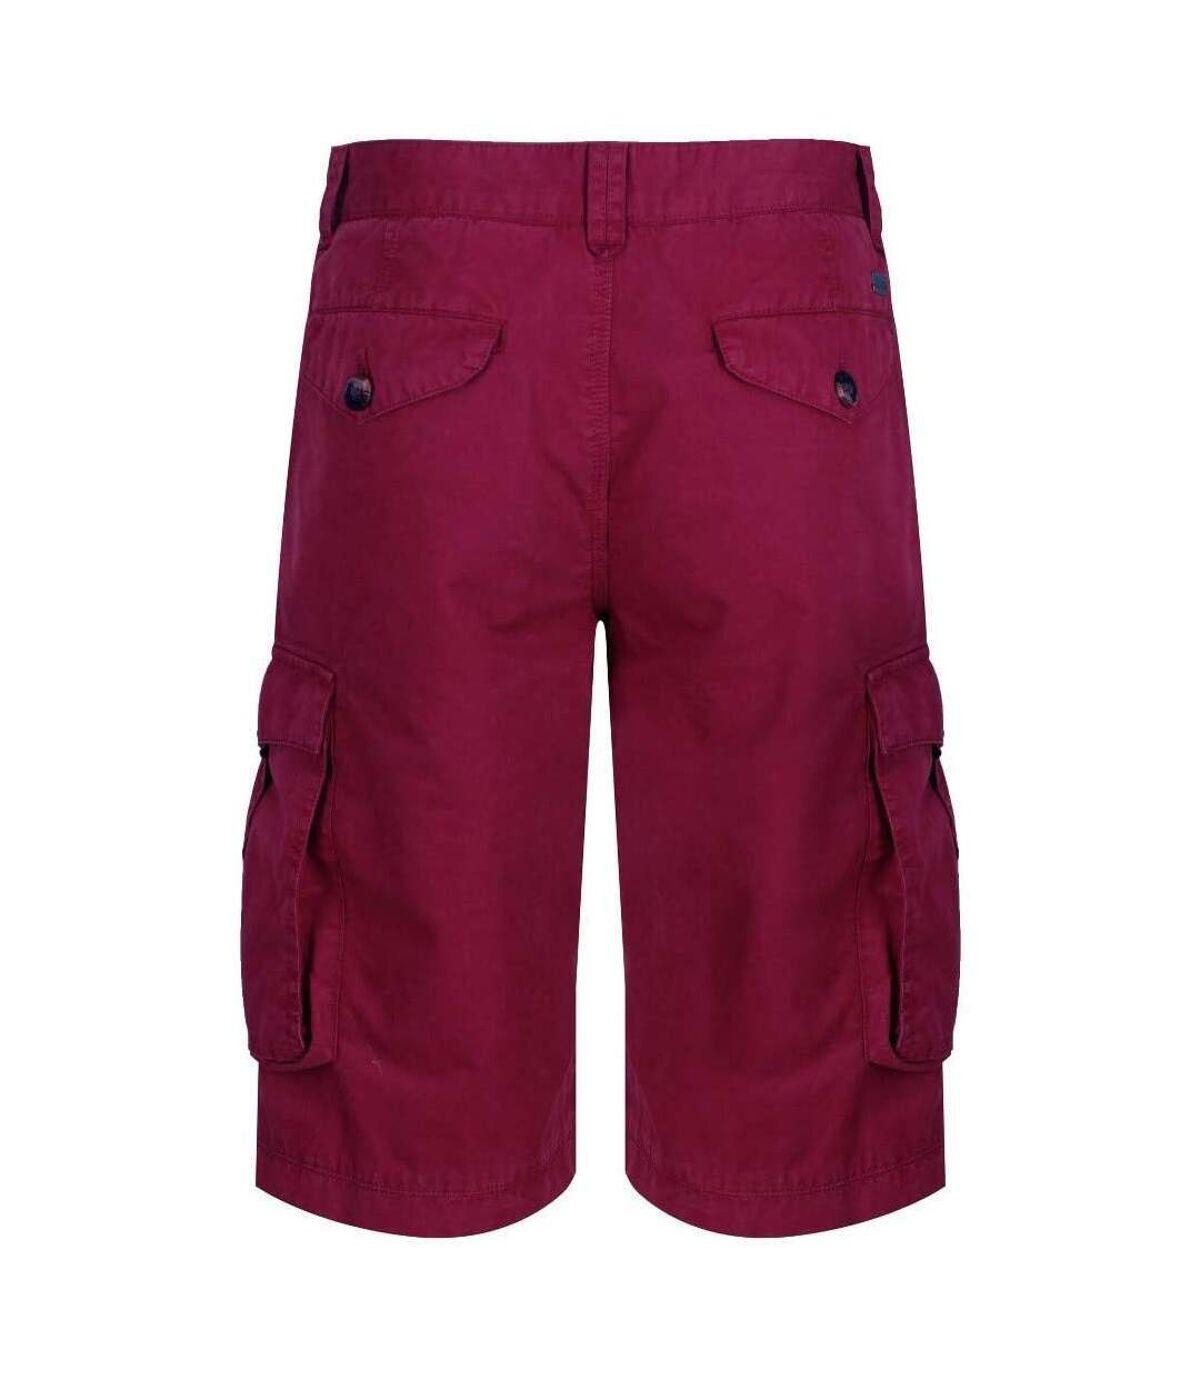 Regatta Mens Shorebay Vintage Cargo Shorts (Delhi Red) - UTRG4167